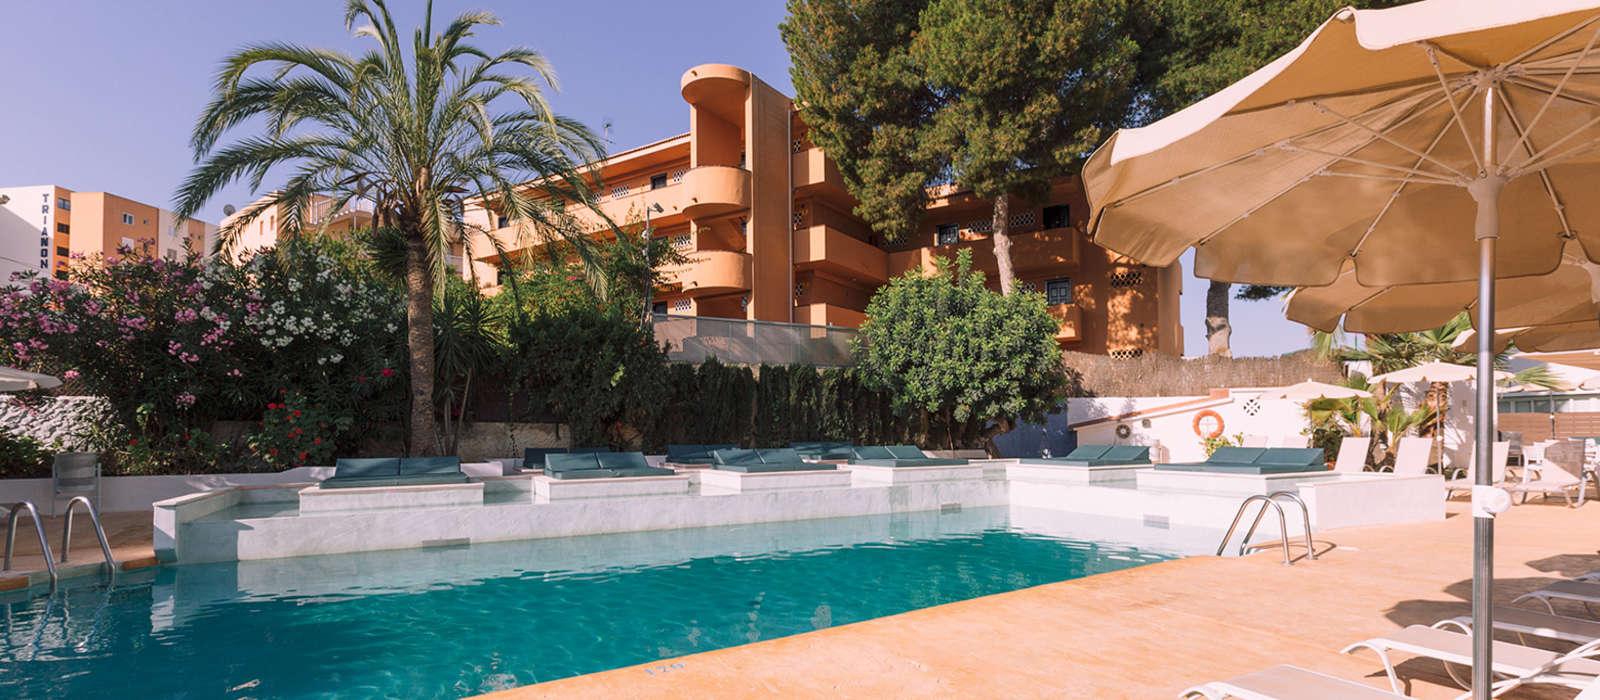 Bluebay Hotels prevé fuerte inversión en España y México hasta 2020